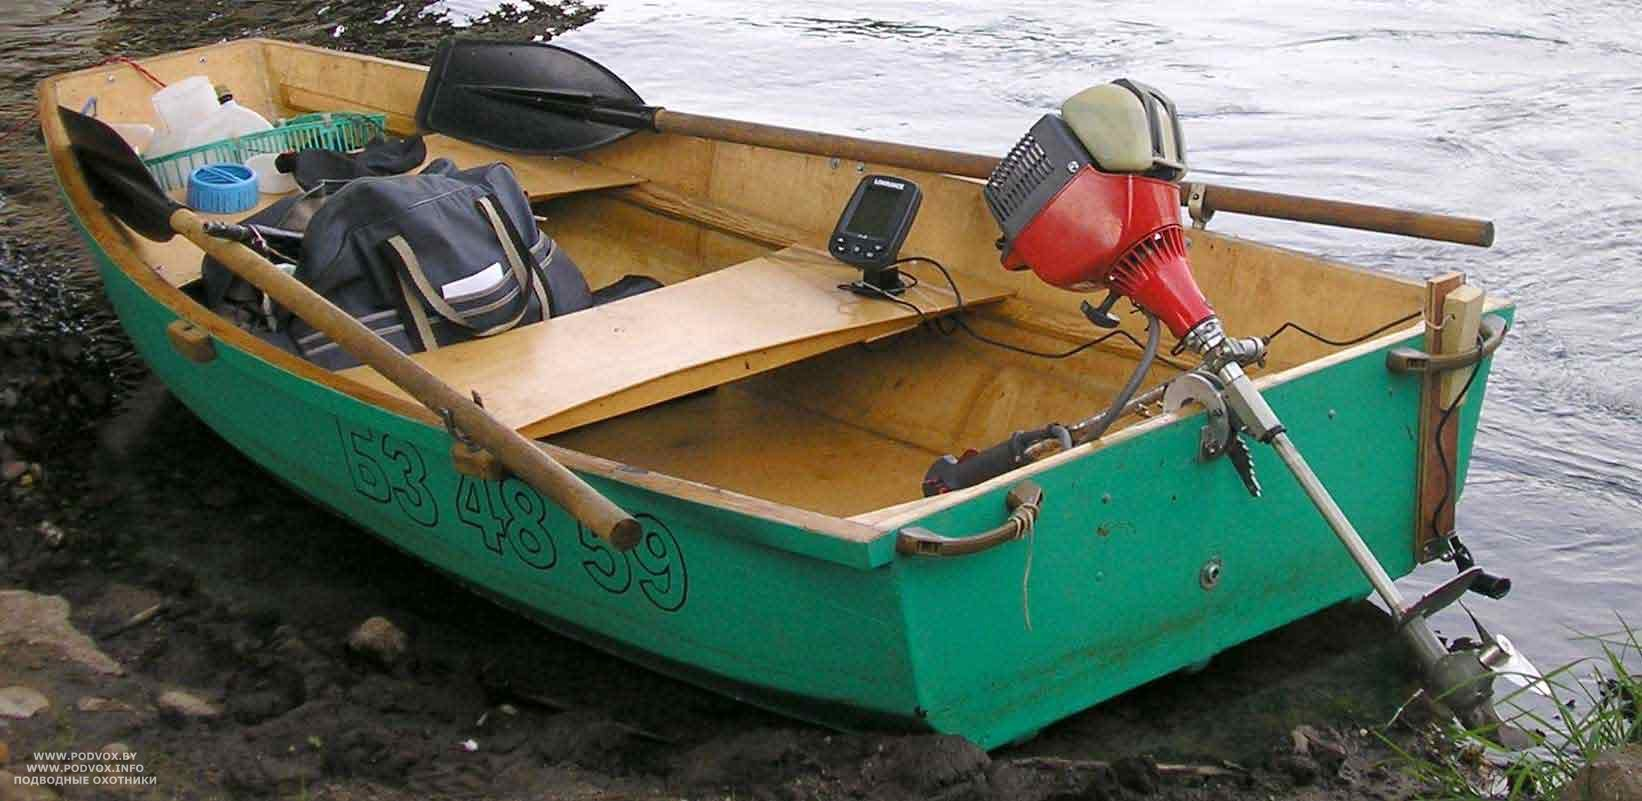 Небольшую лодку под мотор своими руками 5